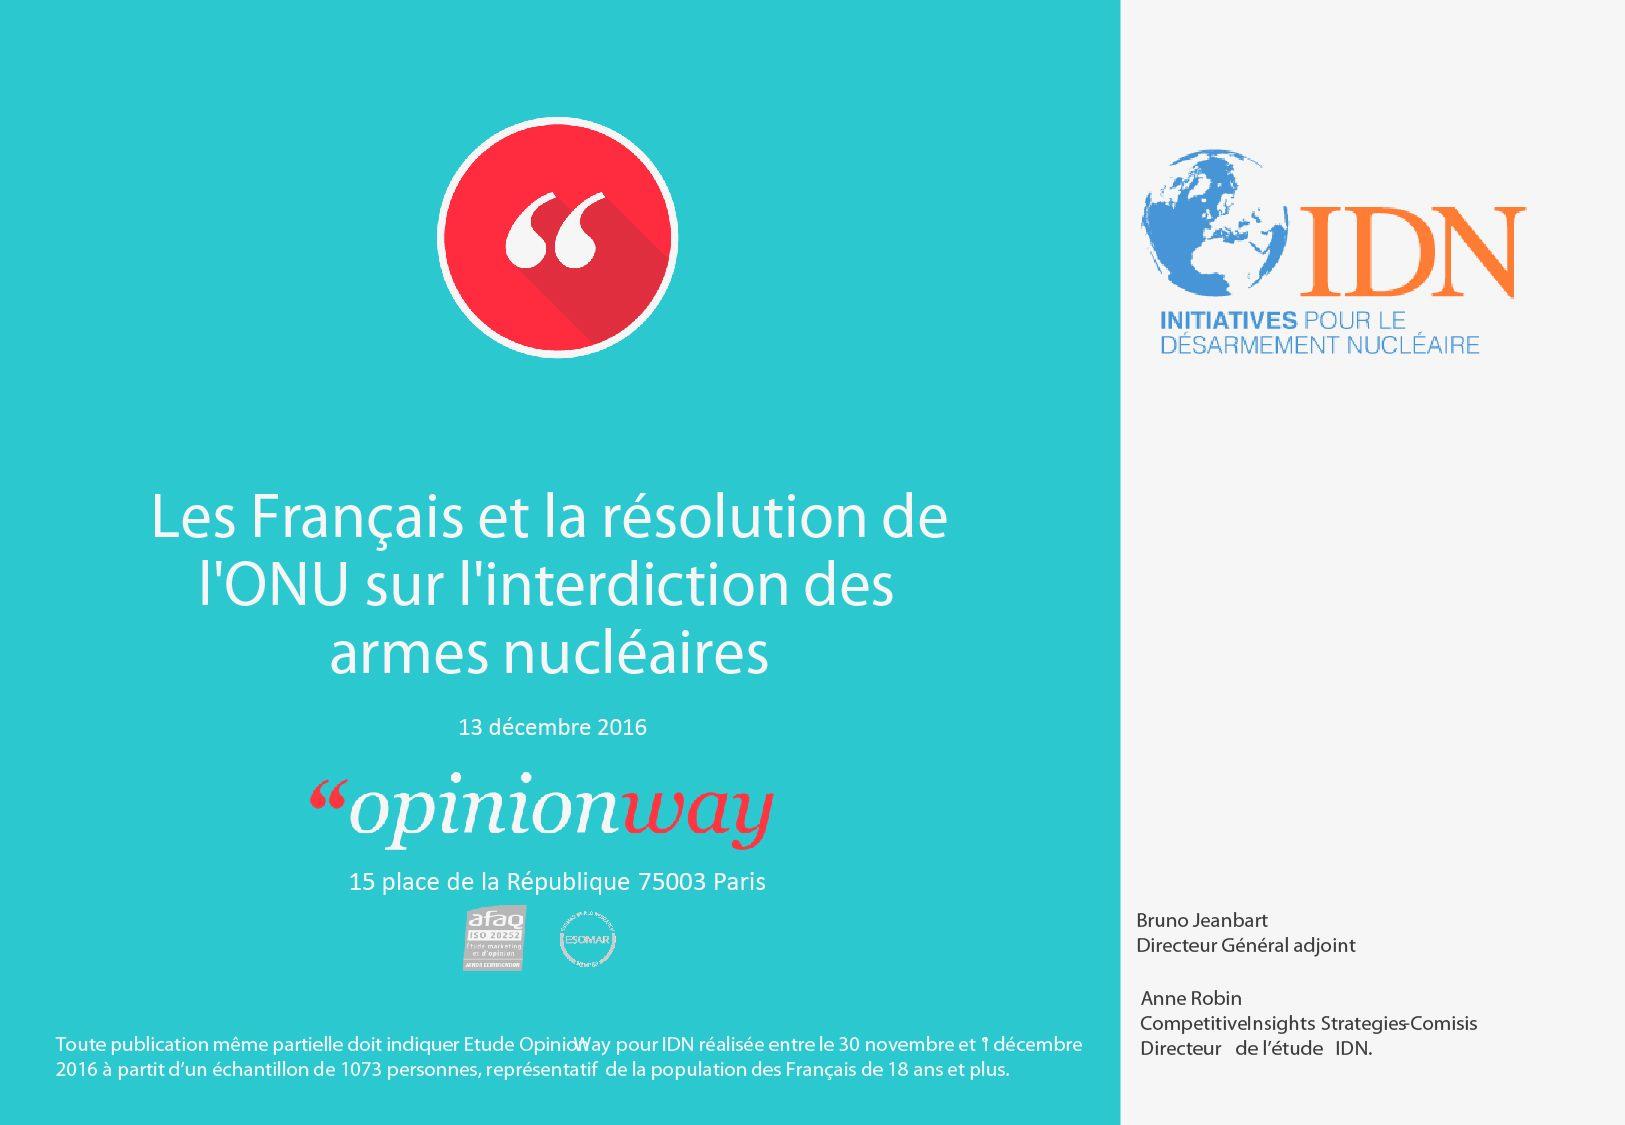 opinionway-pour-idn-les-francais-et-la-resolution-de-l-onu-couv-01